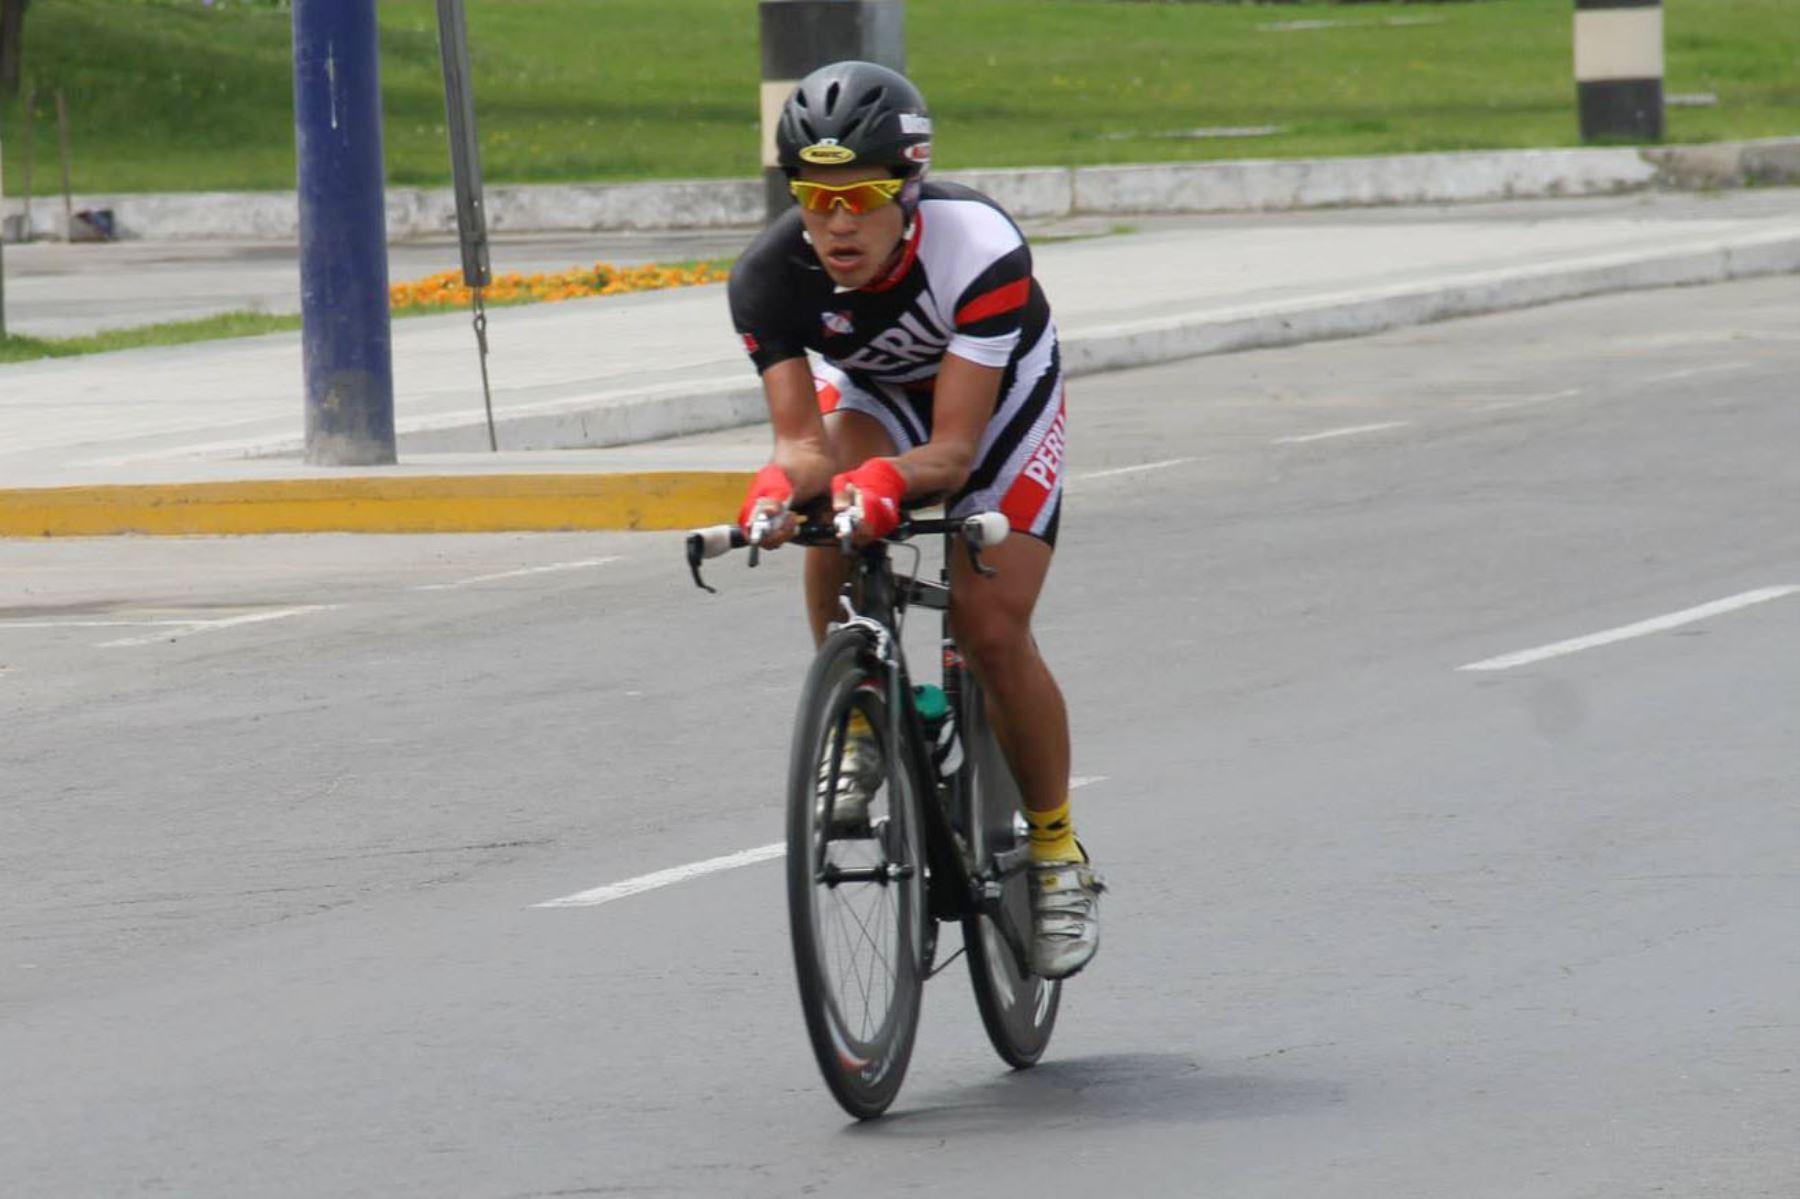 Royner Navarro, deportista nacional que clasificó a los Juegos Olímpicos Tokio 2020 en la disciplina de ciclismo – ruta individual. Foto: Facebook